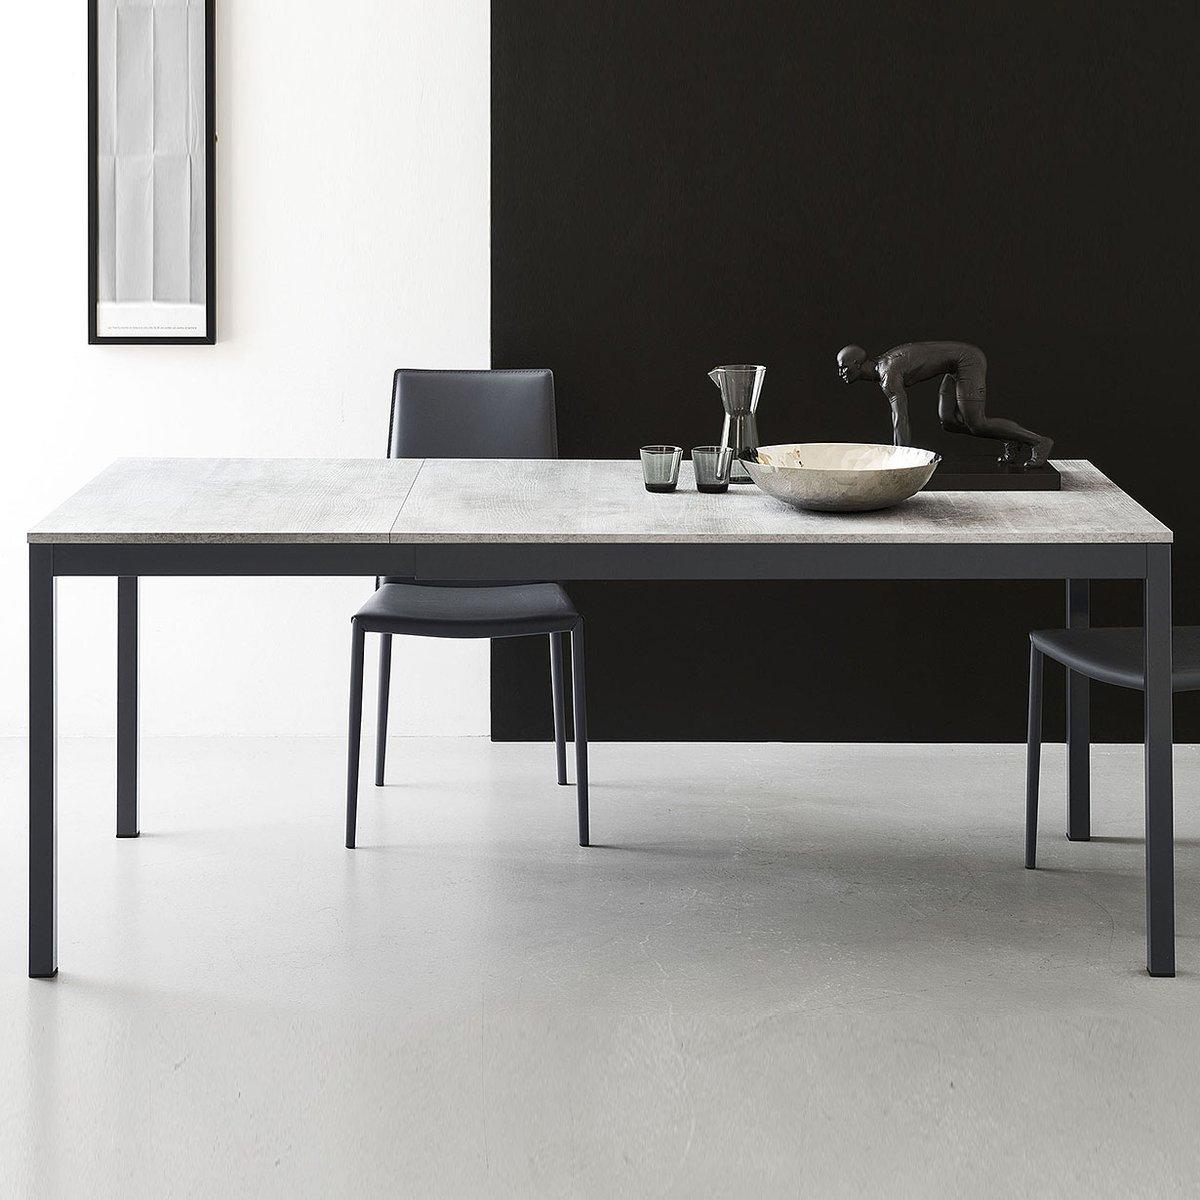 Tavolo rettangolare allungabile snap l 110 160 beton by for Tavolo rettangolare